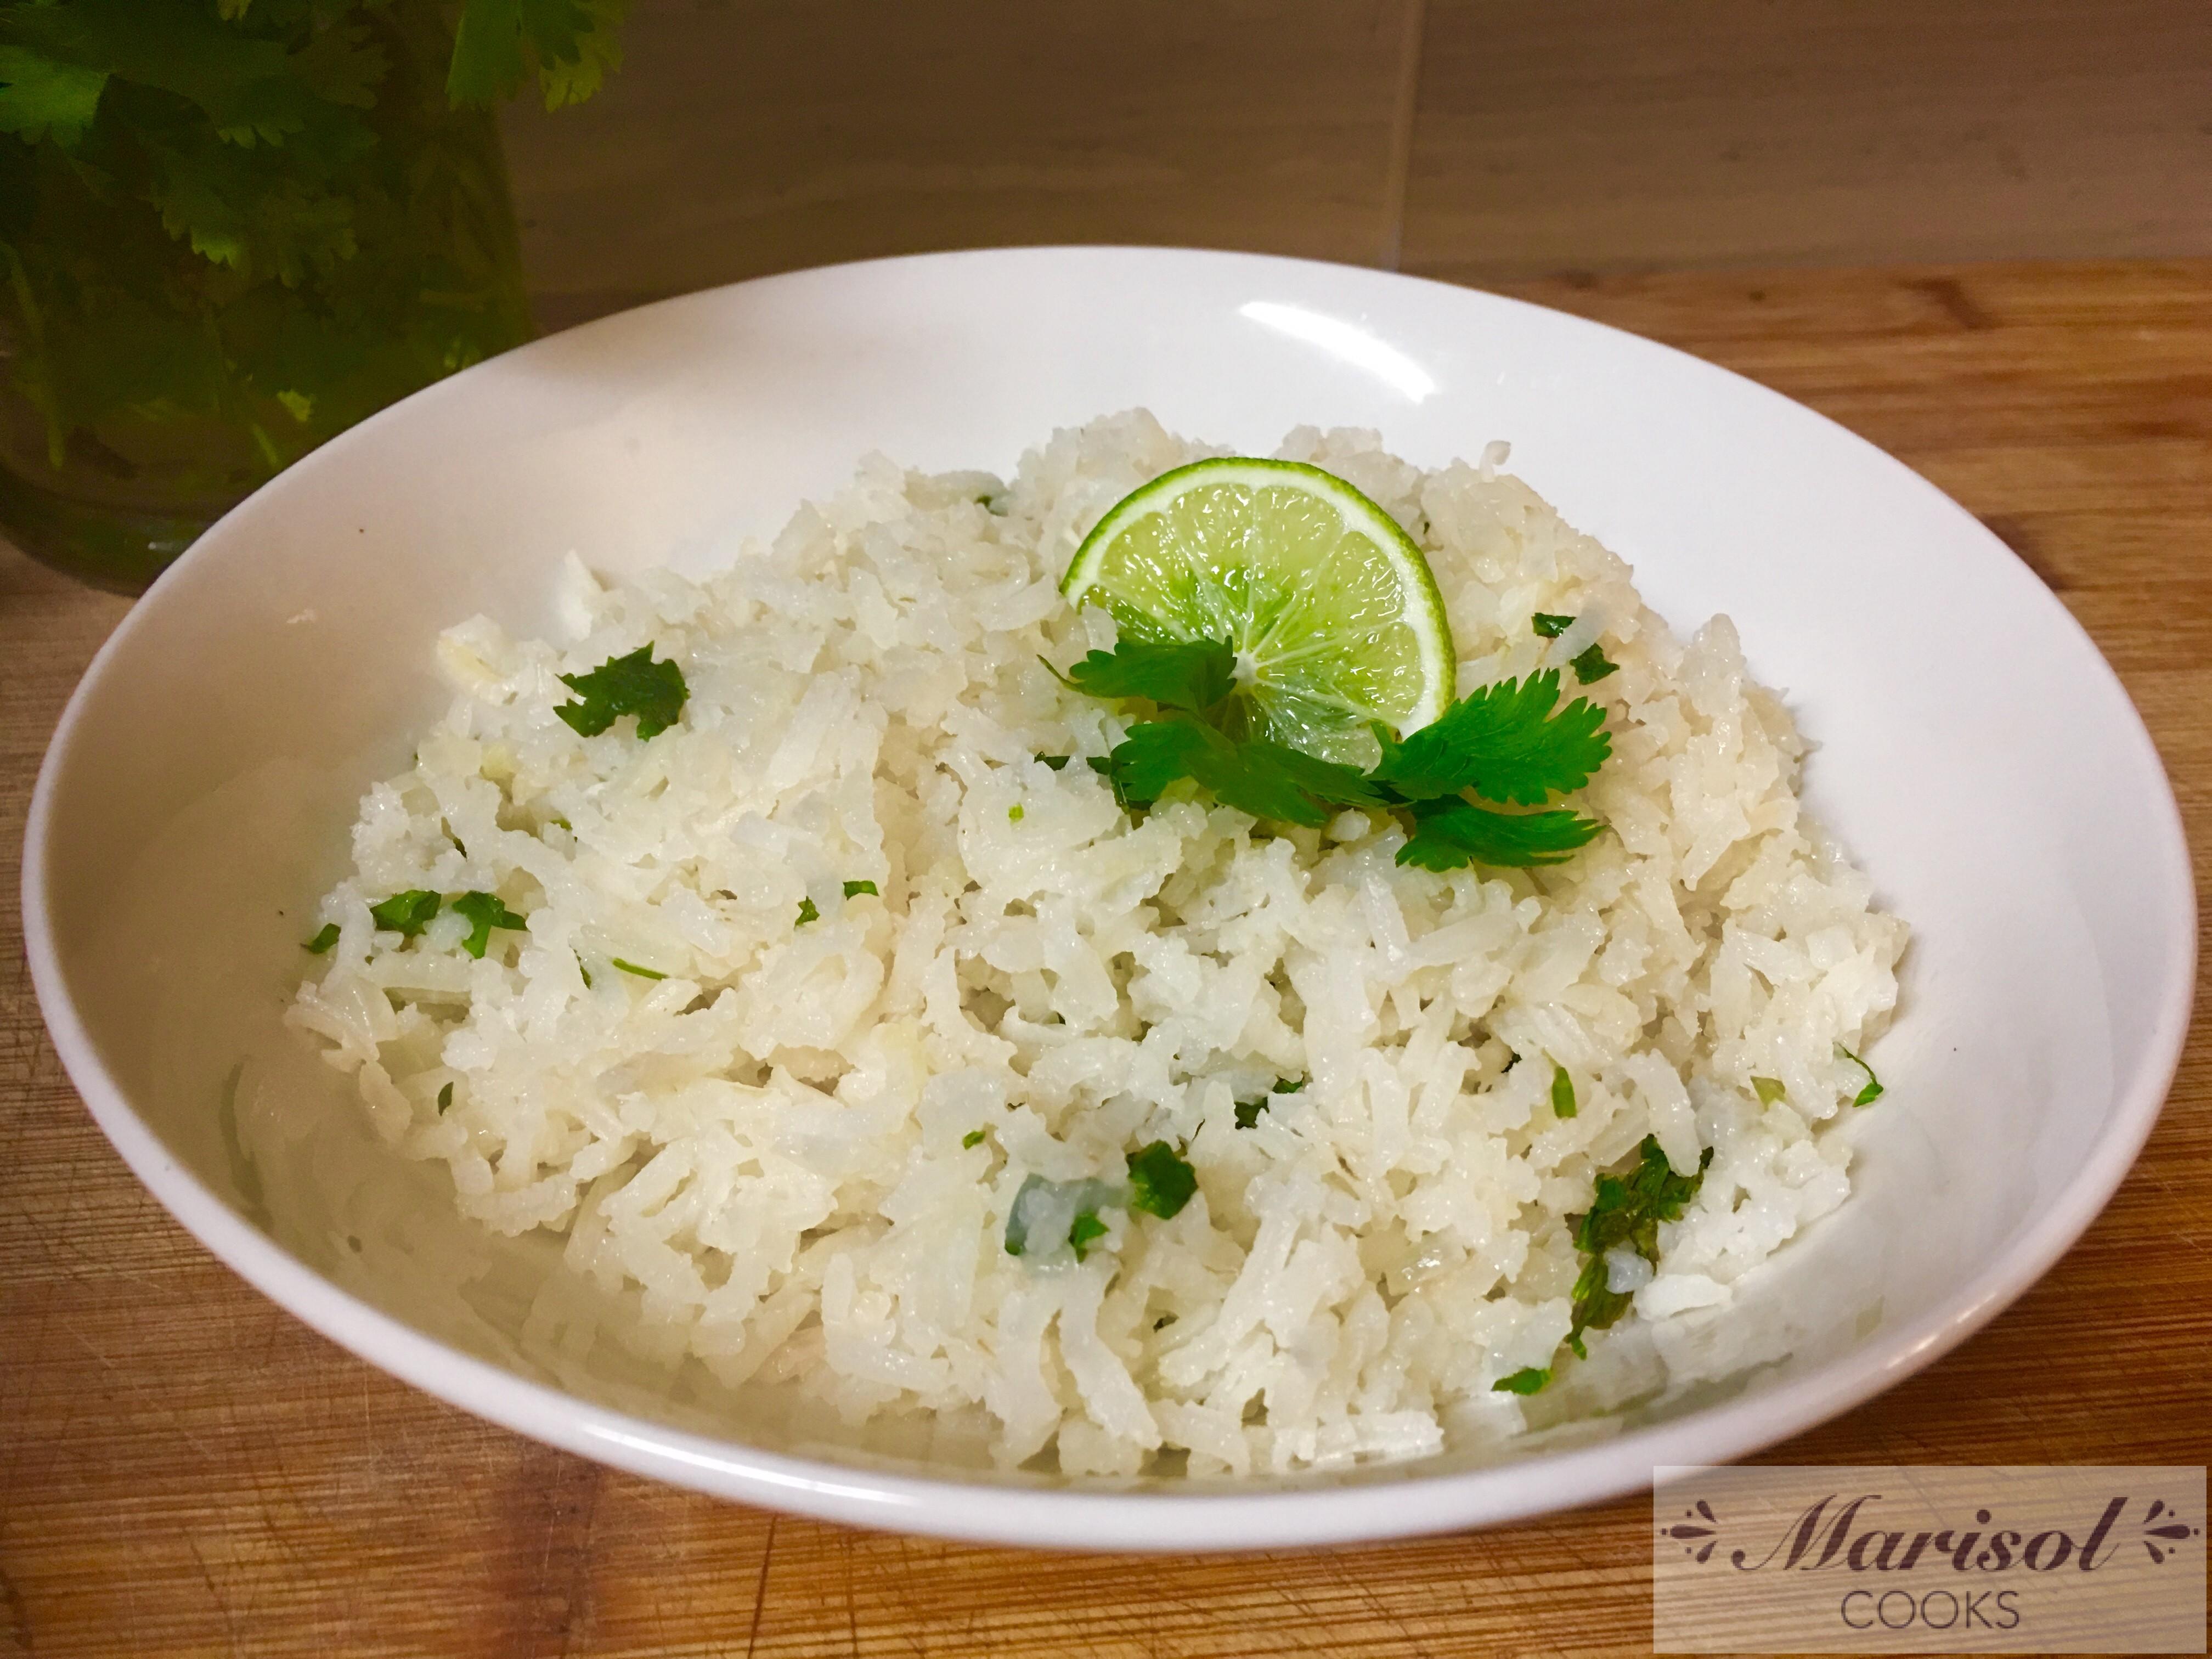 Arroz al cilantro y limon. /Cilantro and lime Rice.